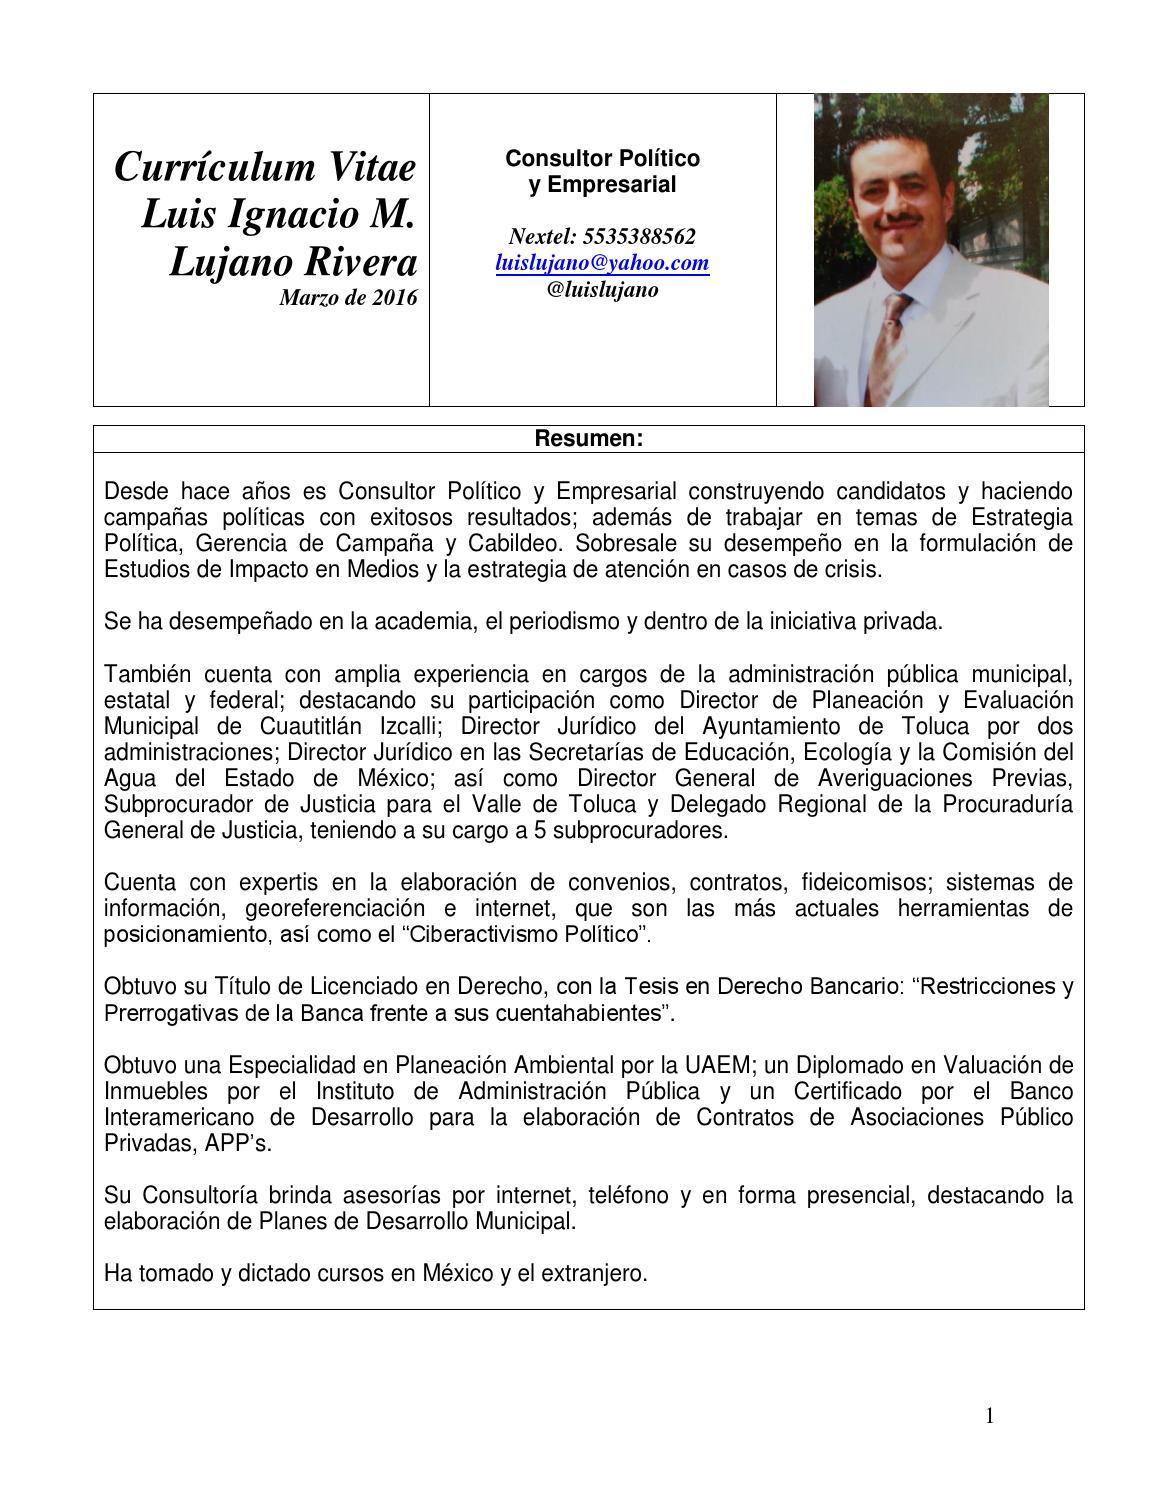 Luis Ignacio Lujano Rivera Currículum Vitae Mzo 2016 Formato BUAP by ...